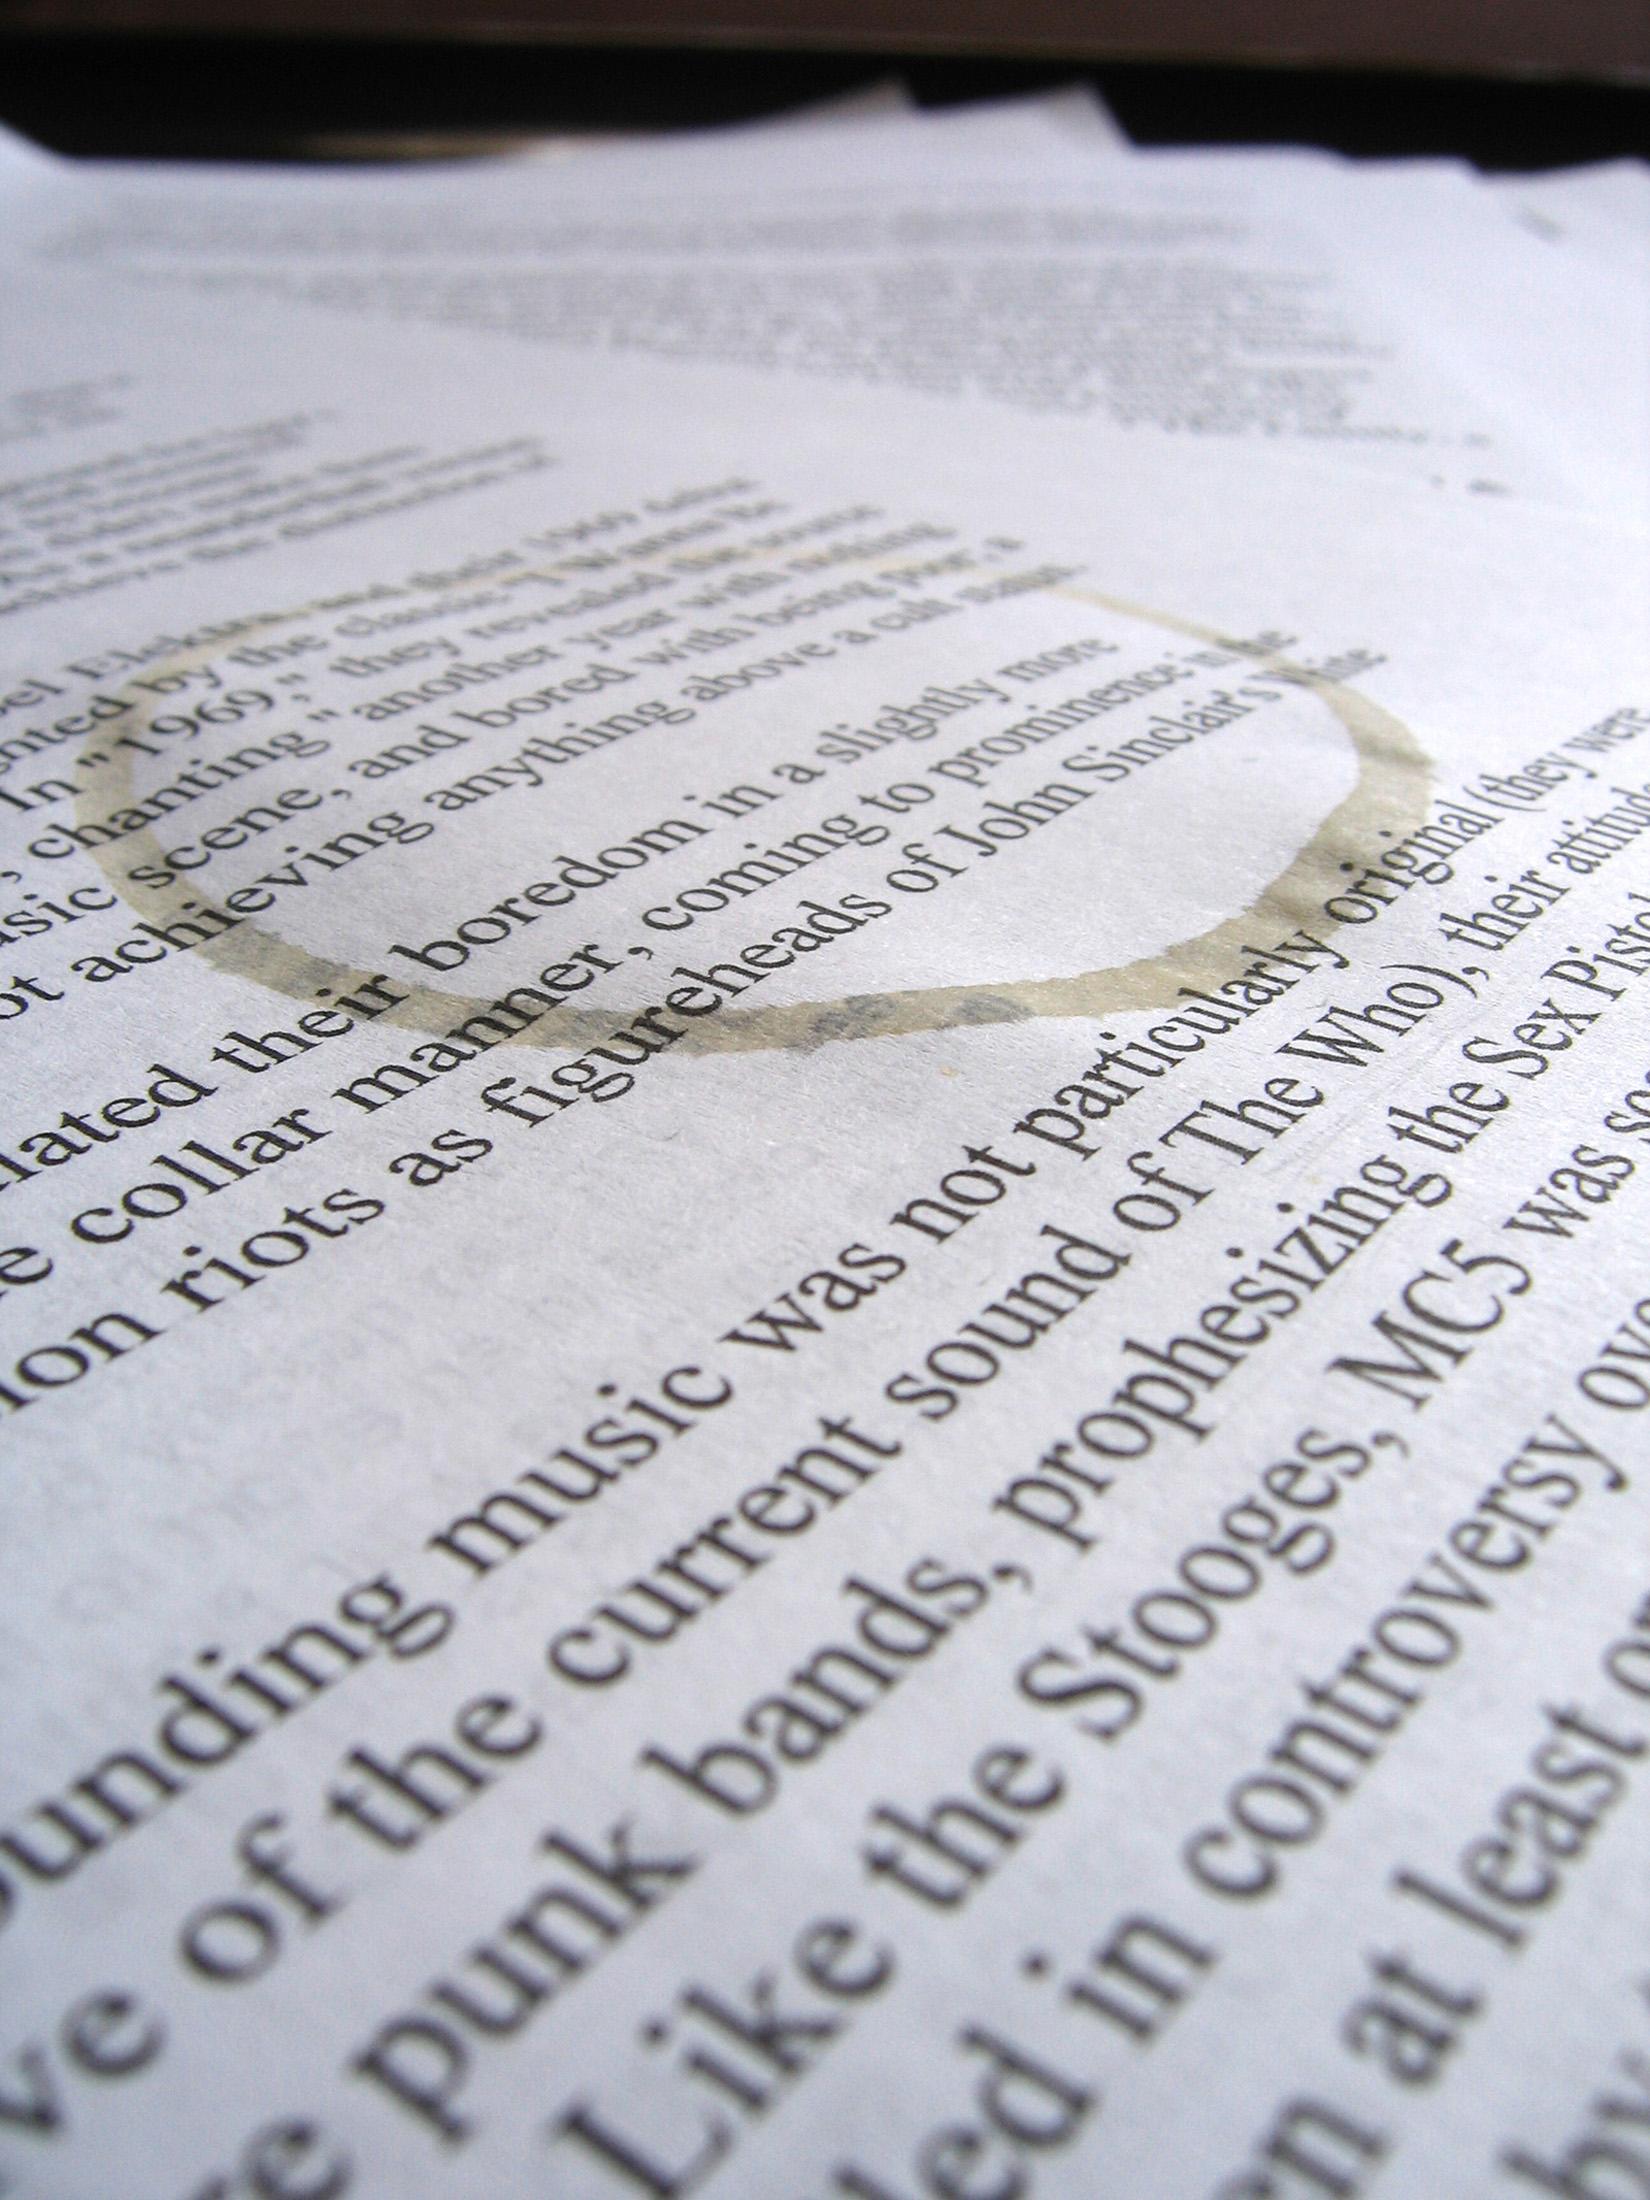 źródło zdjęcia: www.sxc.hu